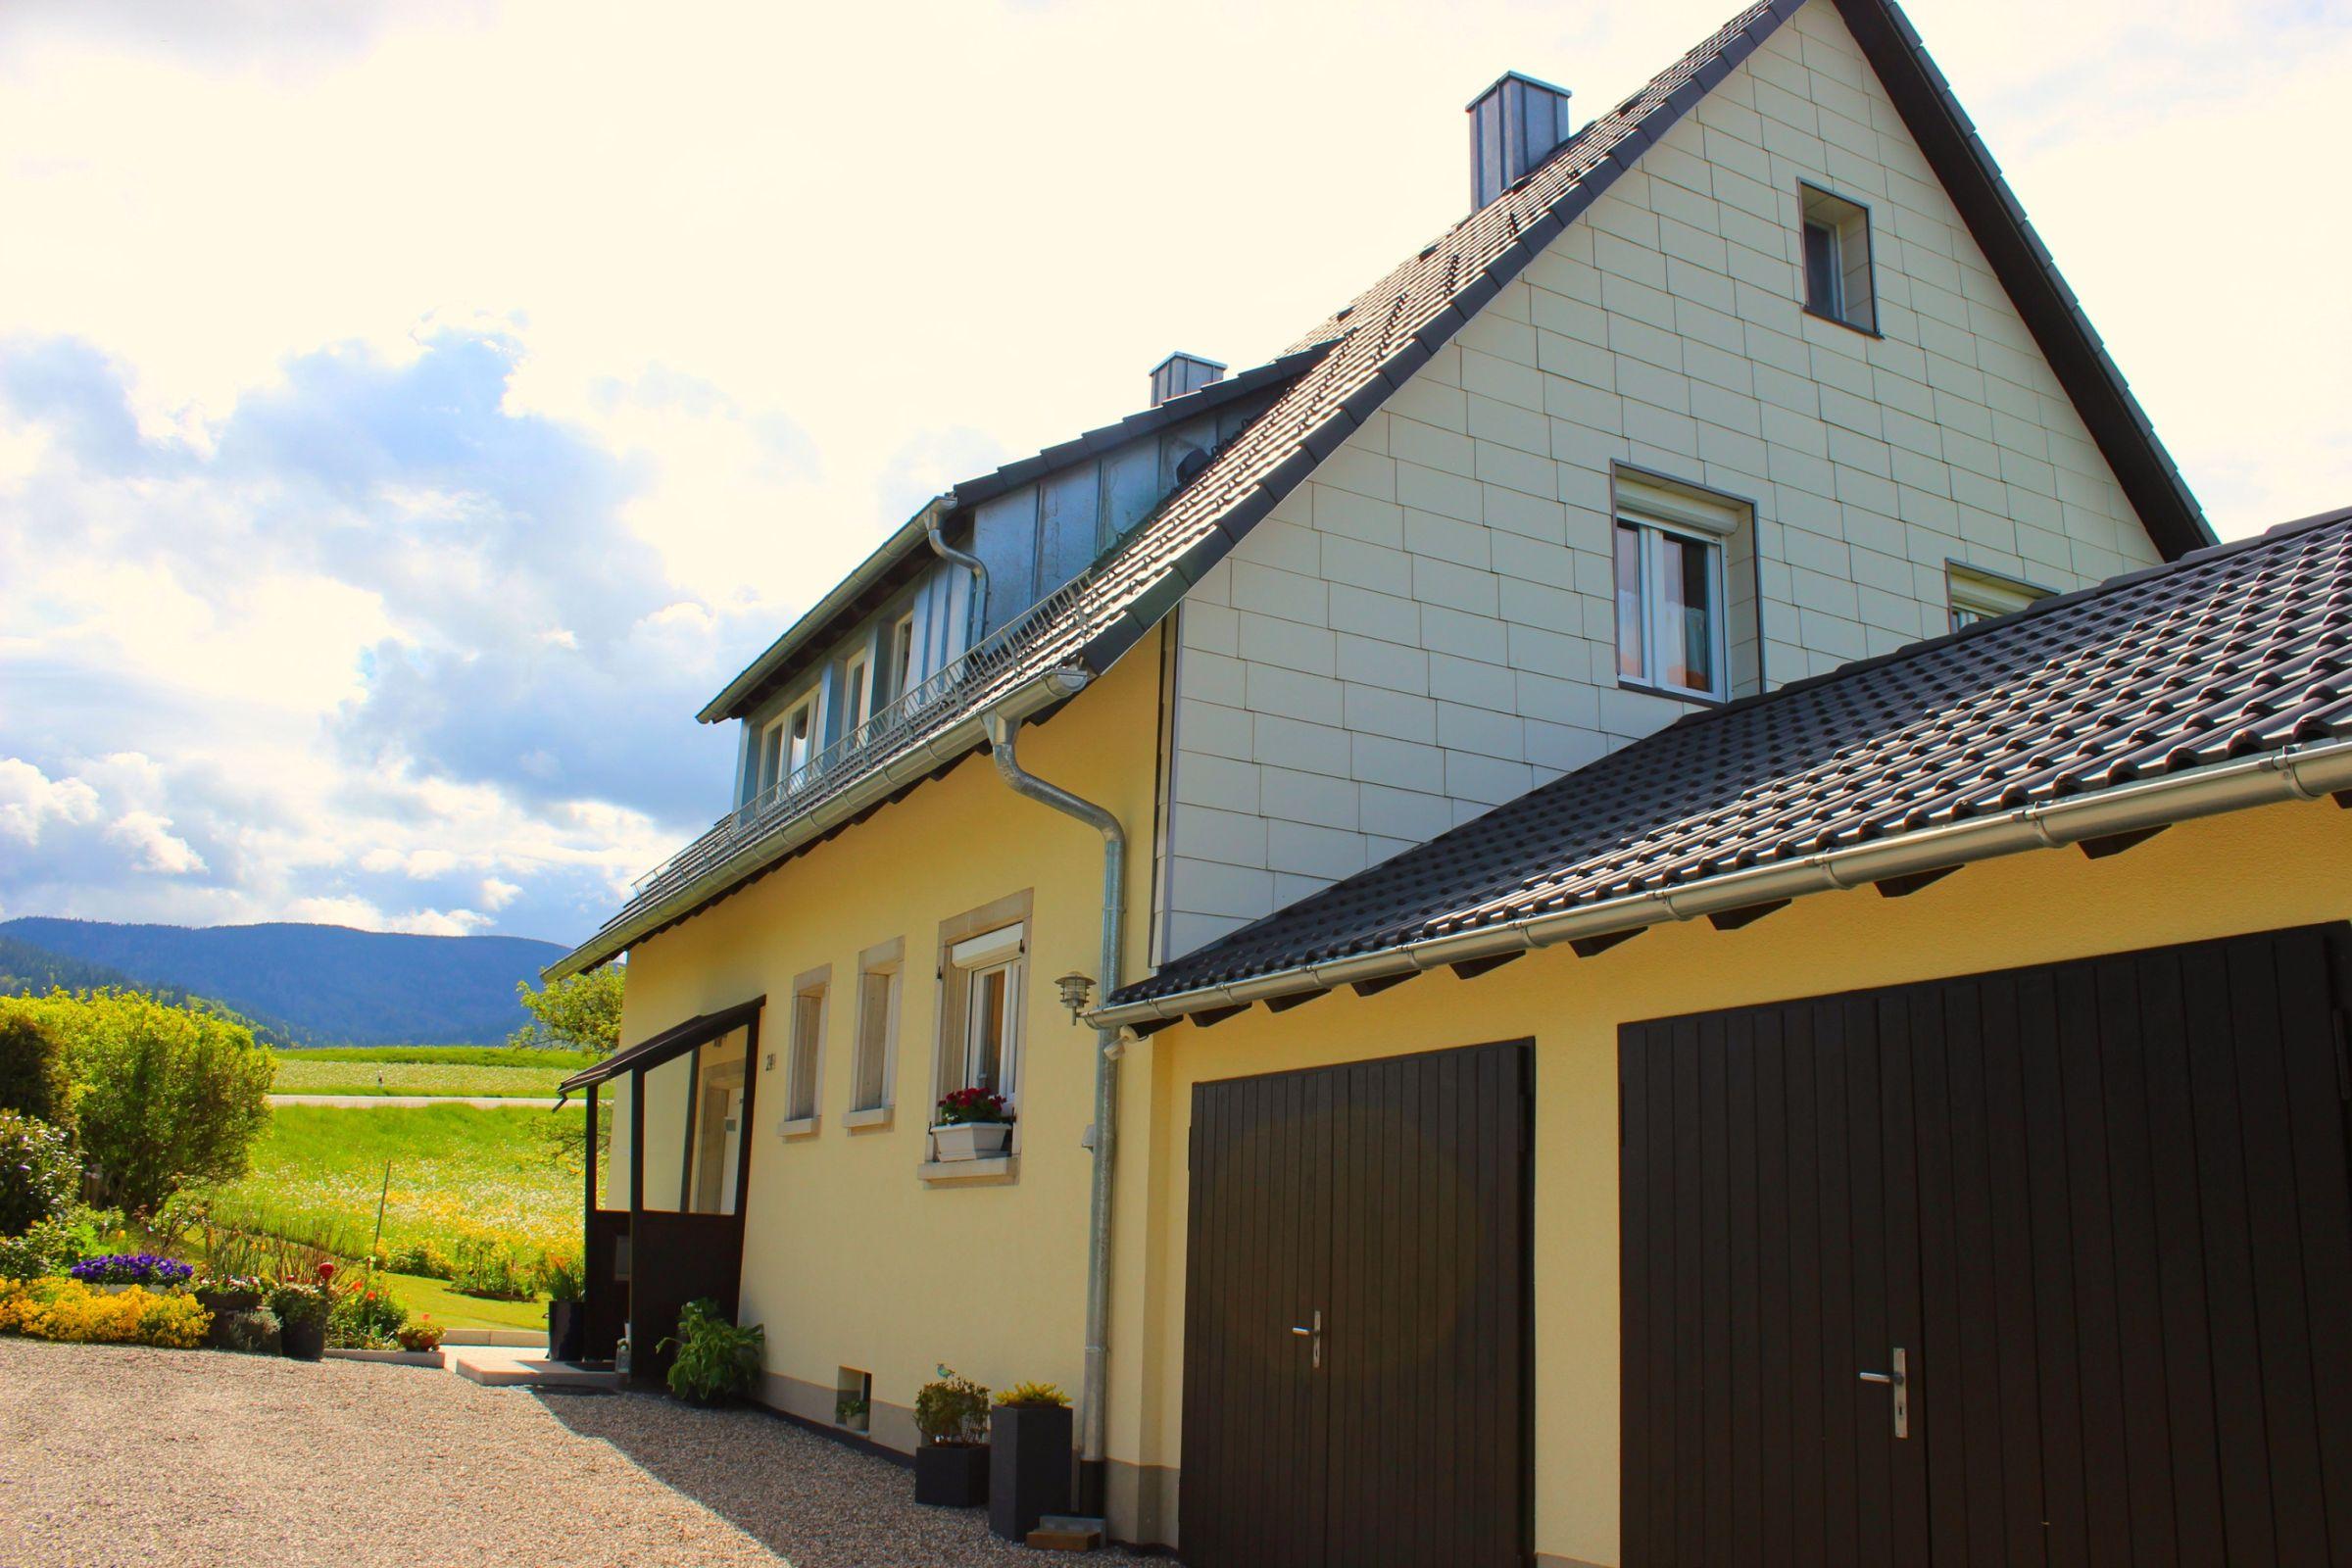 Ferienwohnung Panoramablick, (Horben). Nichtraucher-49qm, 1 Schlafraum, 1 Wohn-/Schlafraum, max. 3 Perso (605187), Horben, Schwarzwald, Baden-Württemberg, Deutschland, Bild 4